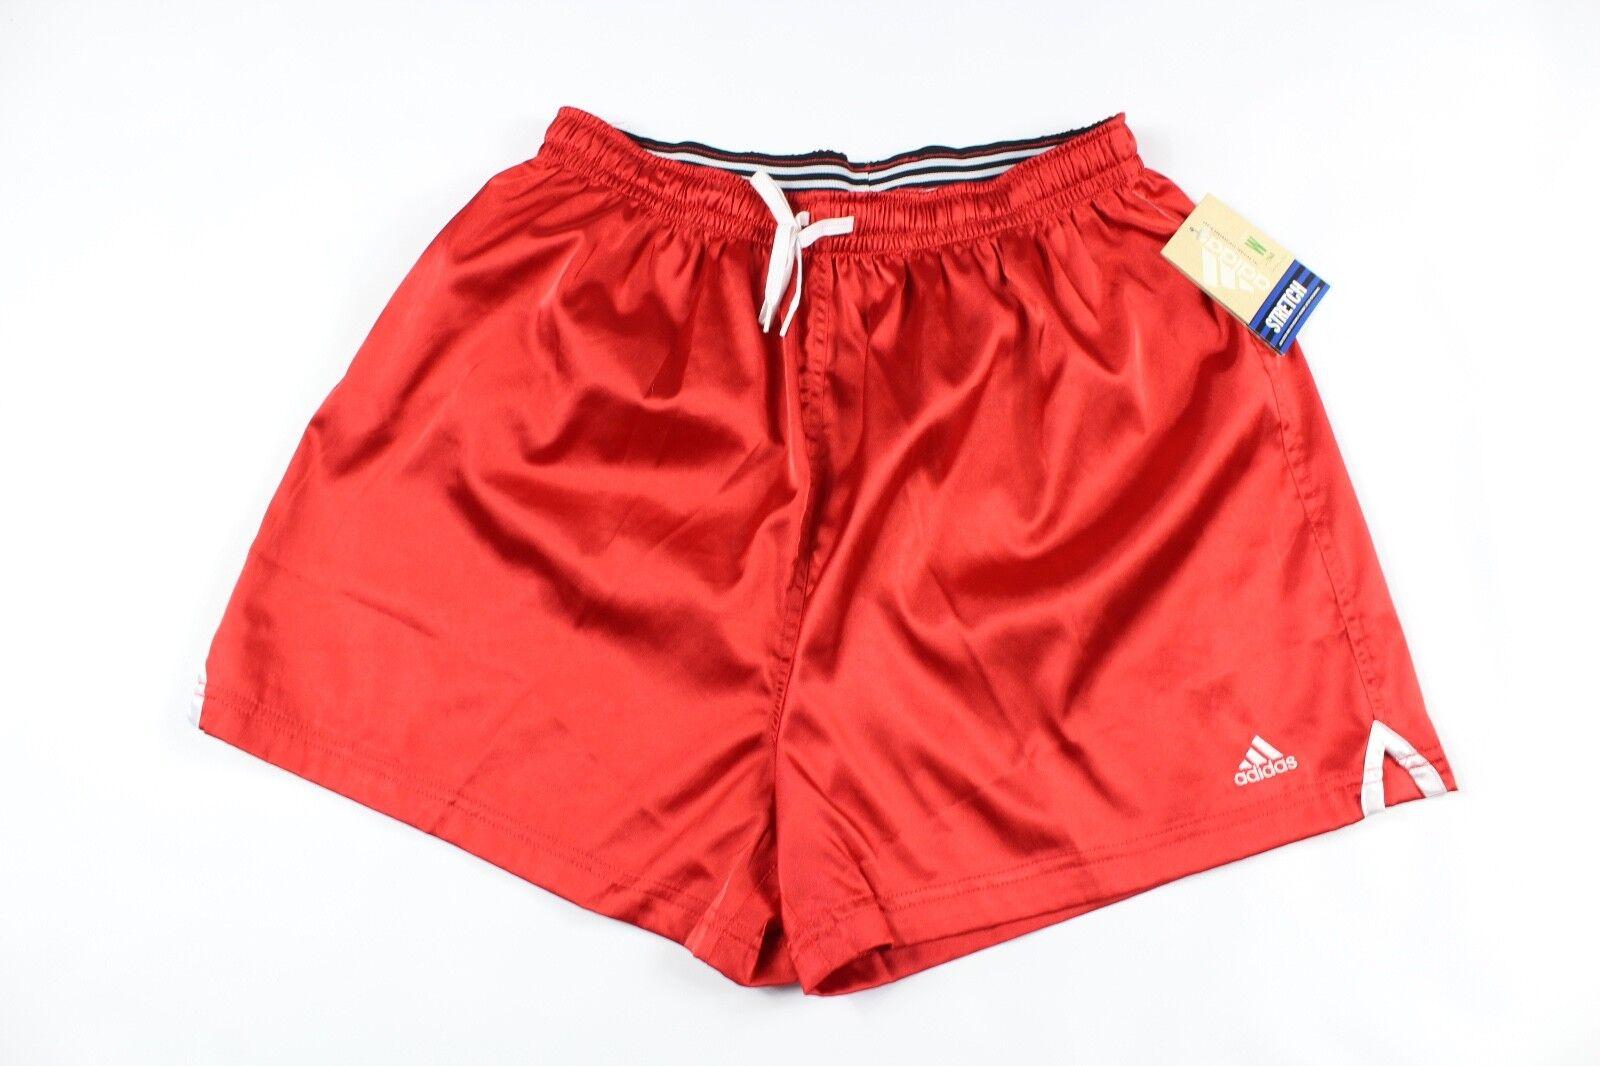 Jahrgang der 90er Jahre neue Adidas Adult XL buchstabieren Fußball Jogging Gym Shorts rot